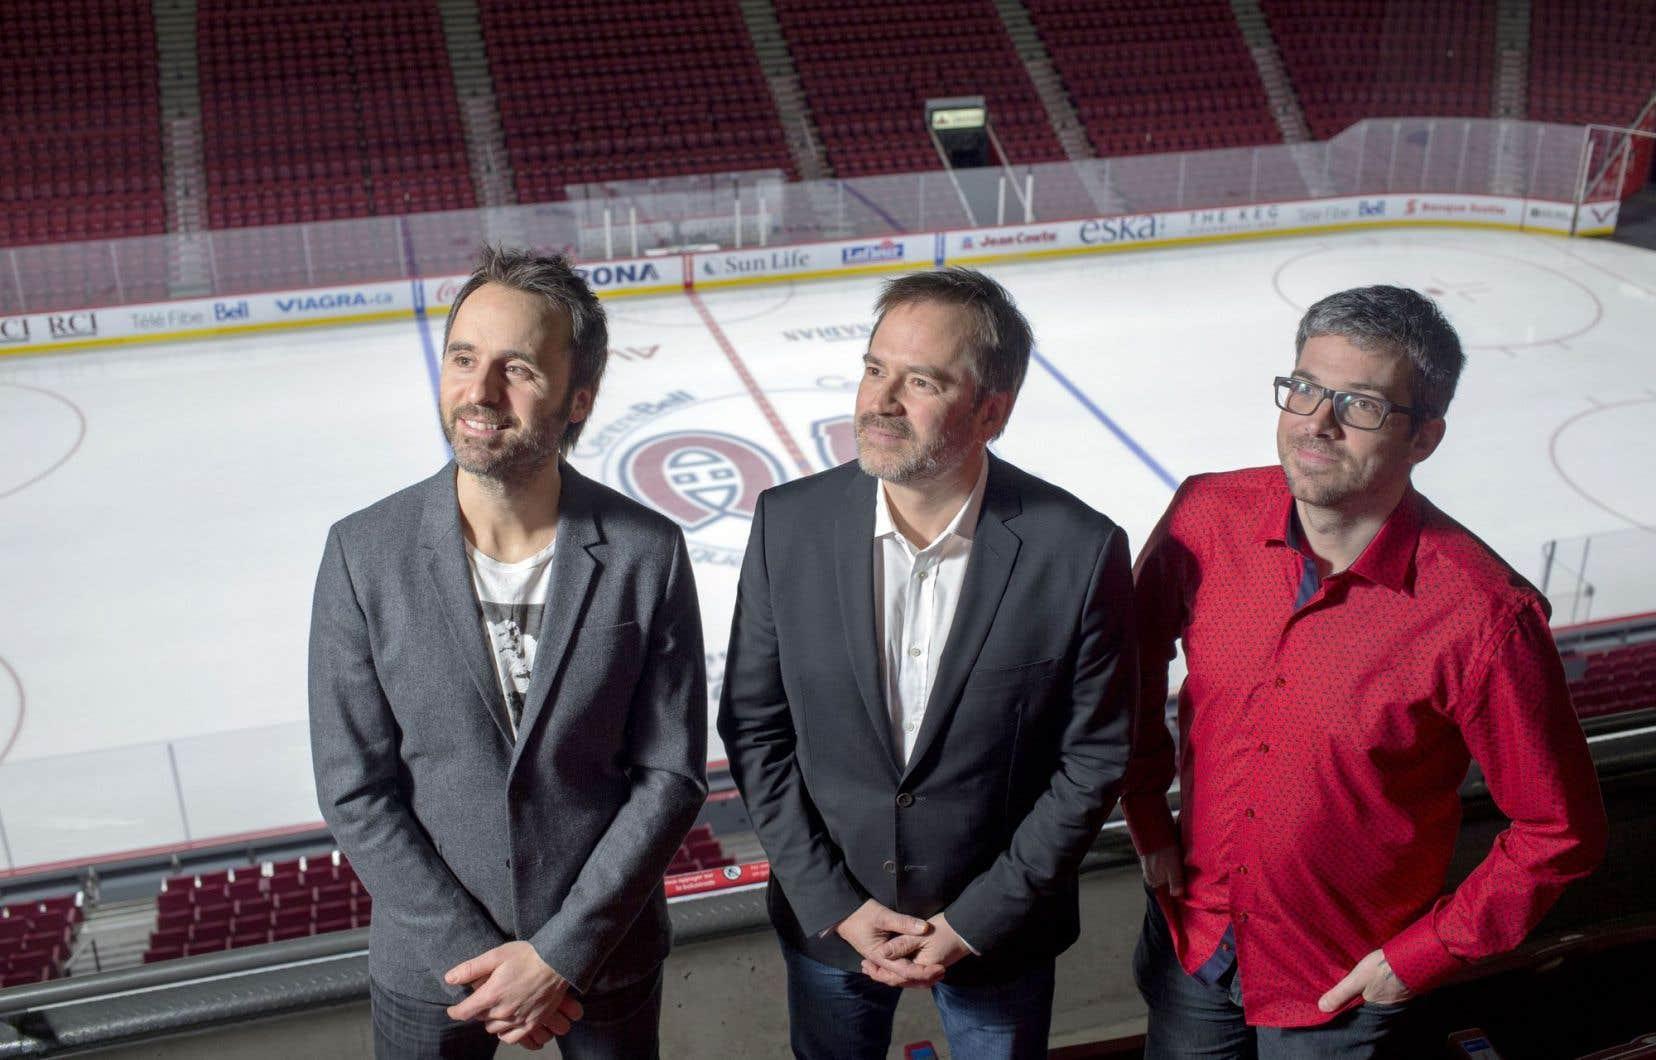 Louis-José Houde, Patrice Sauvé et Matthieu Simard au Centre Bell, temple des Canadiens